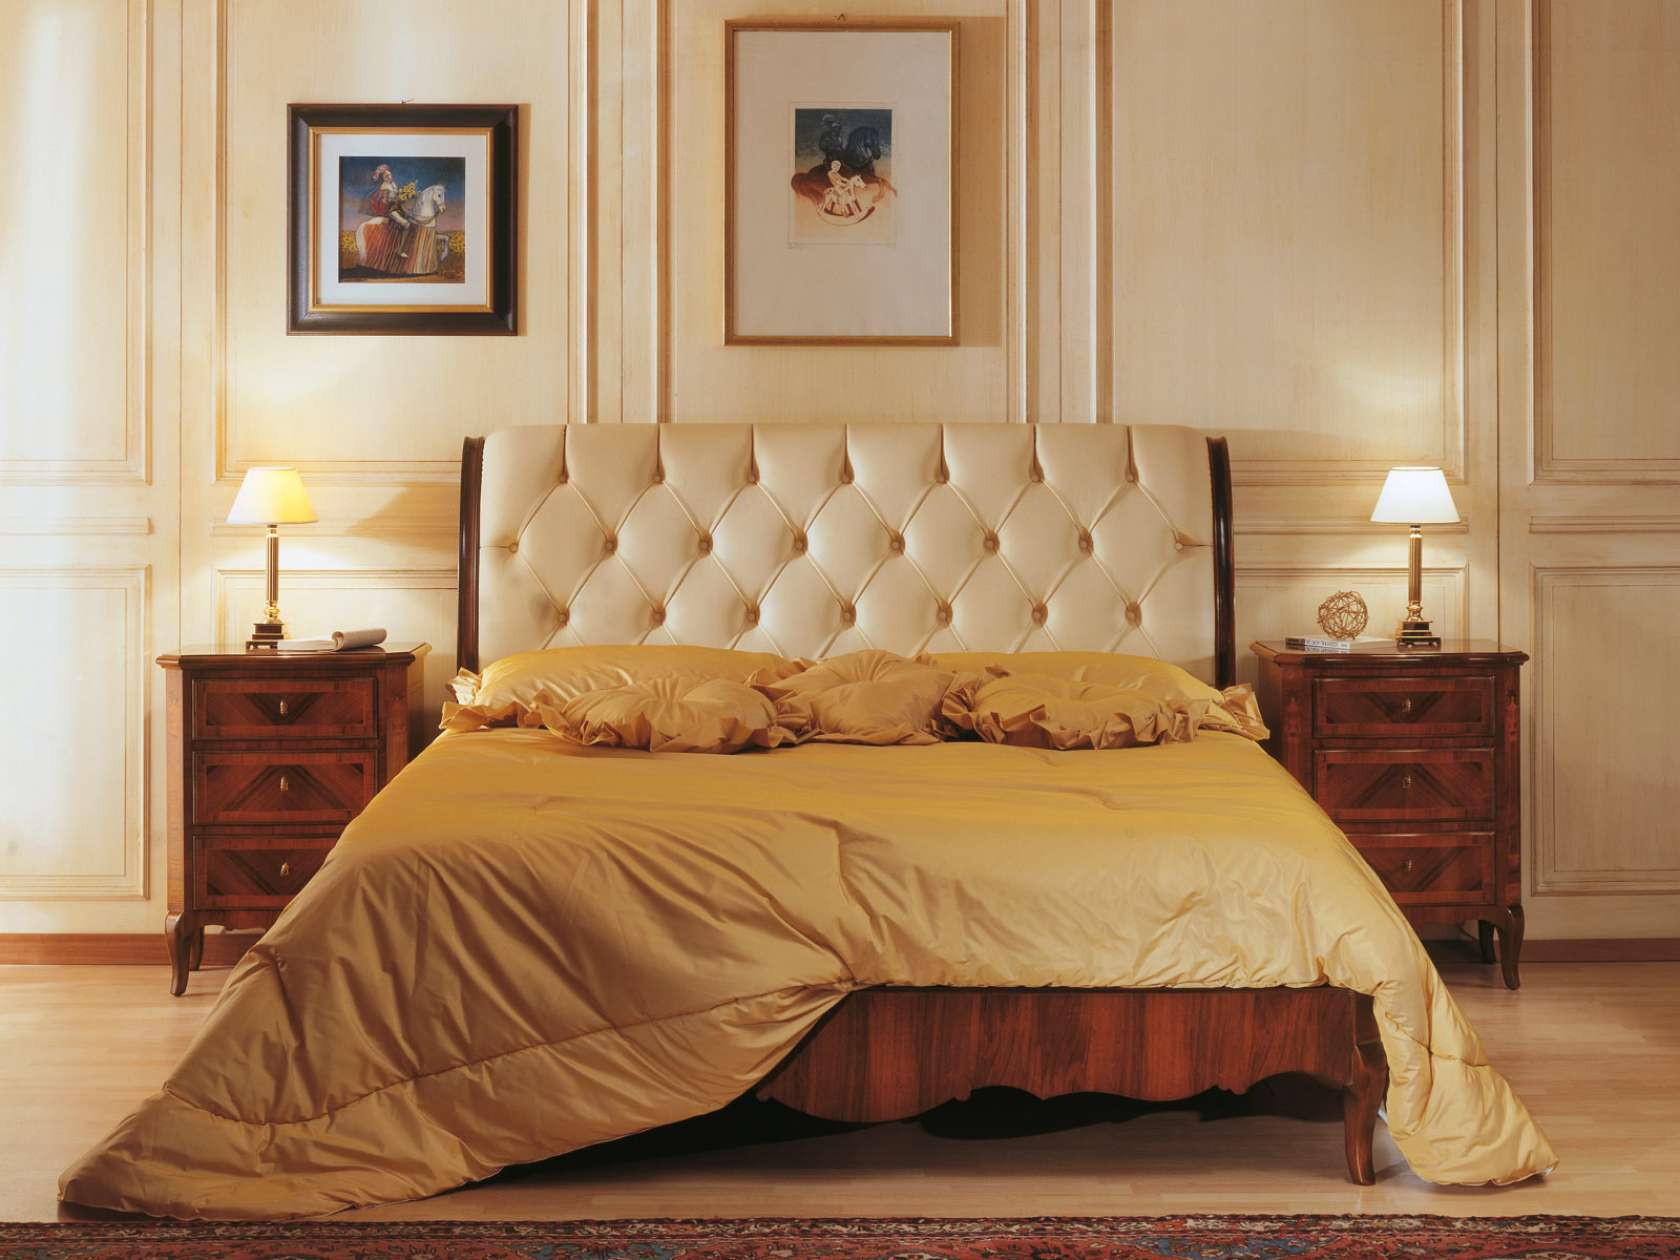 Letti Classici Di Lusso : Camera da letto classica di lusso francese letto in pelle